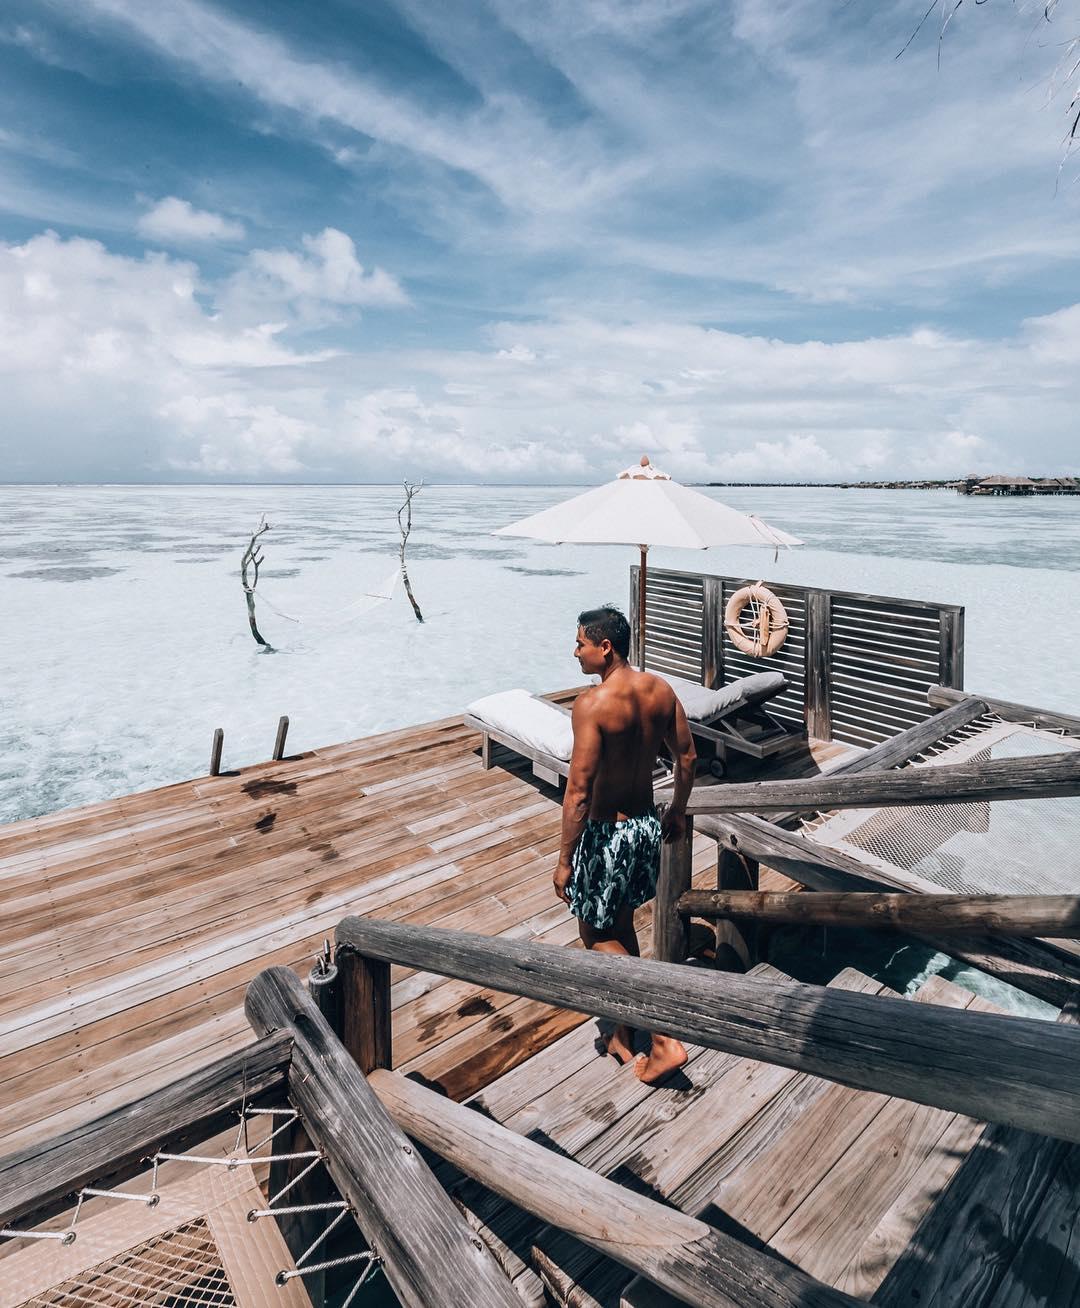 Пейзажи и путешествия на снимках Микки Теназаса